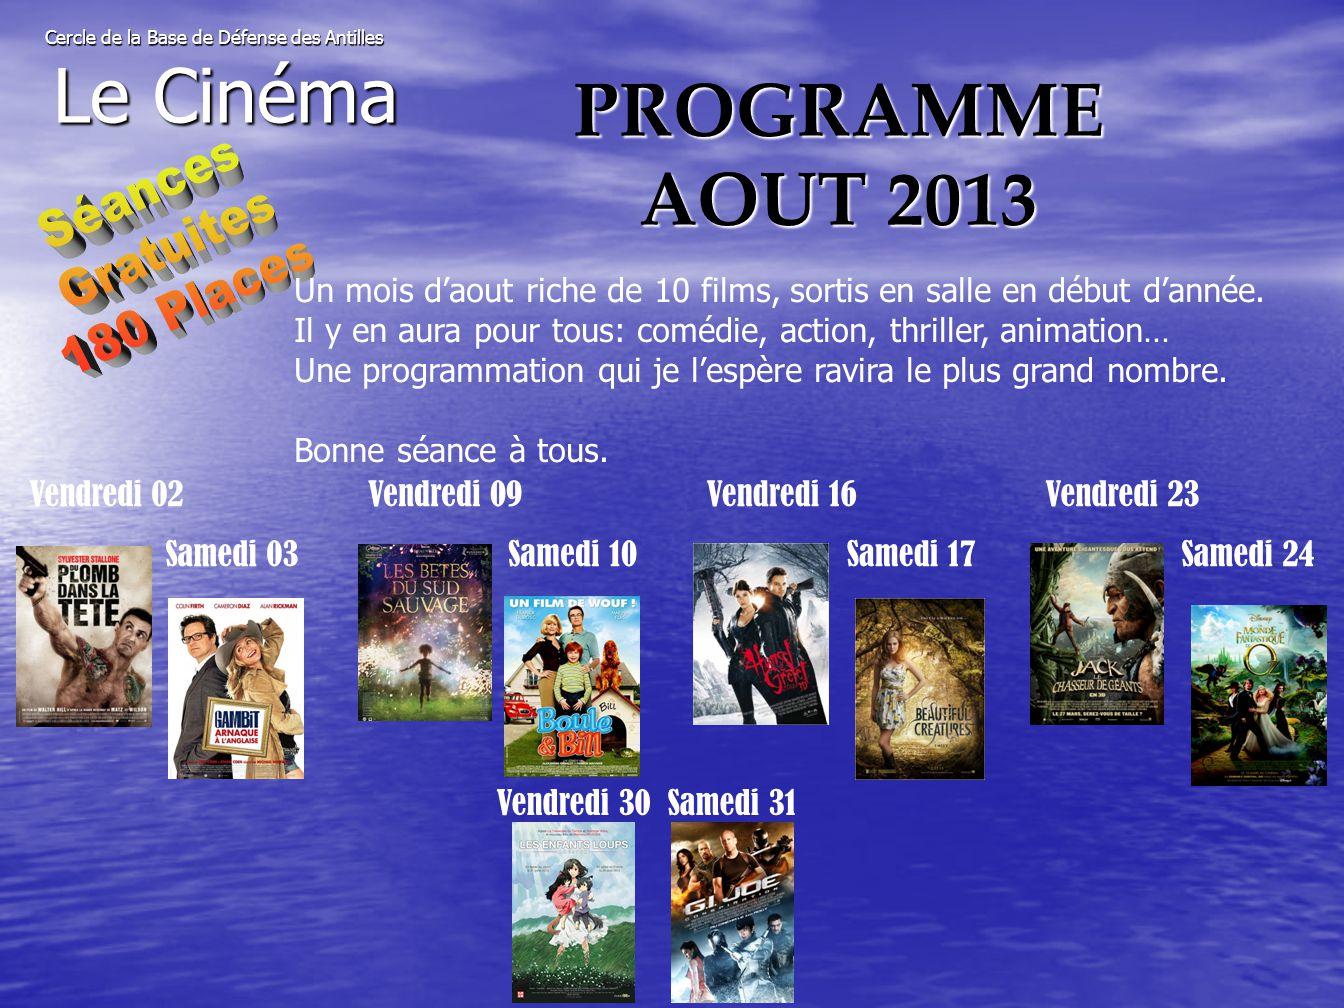 PROGRAMME AOUT 2013 Cercle de la Base de Défense des Antilles Le Cinéma Un mois d'aout riche de 10 films, sortis en salle en début d'année.